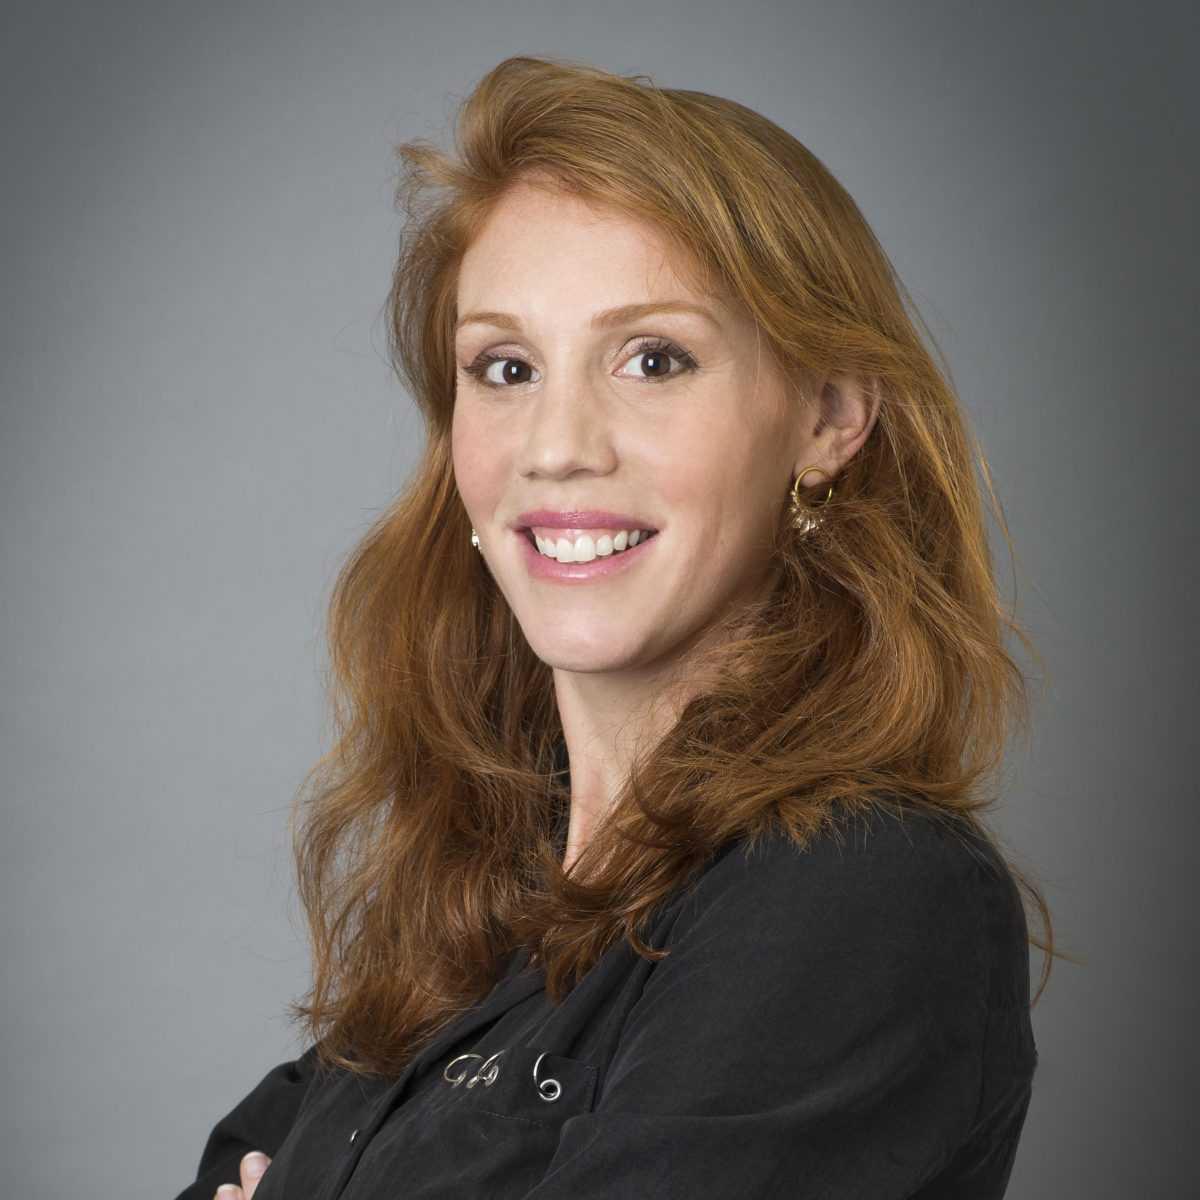 ענת קנטרביץ מנהלת שיווק ישראל ודרום אפריקה